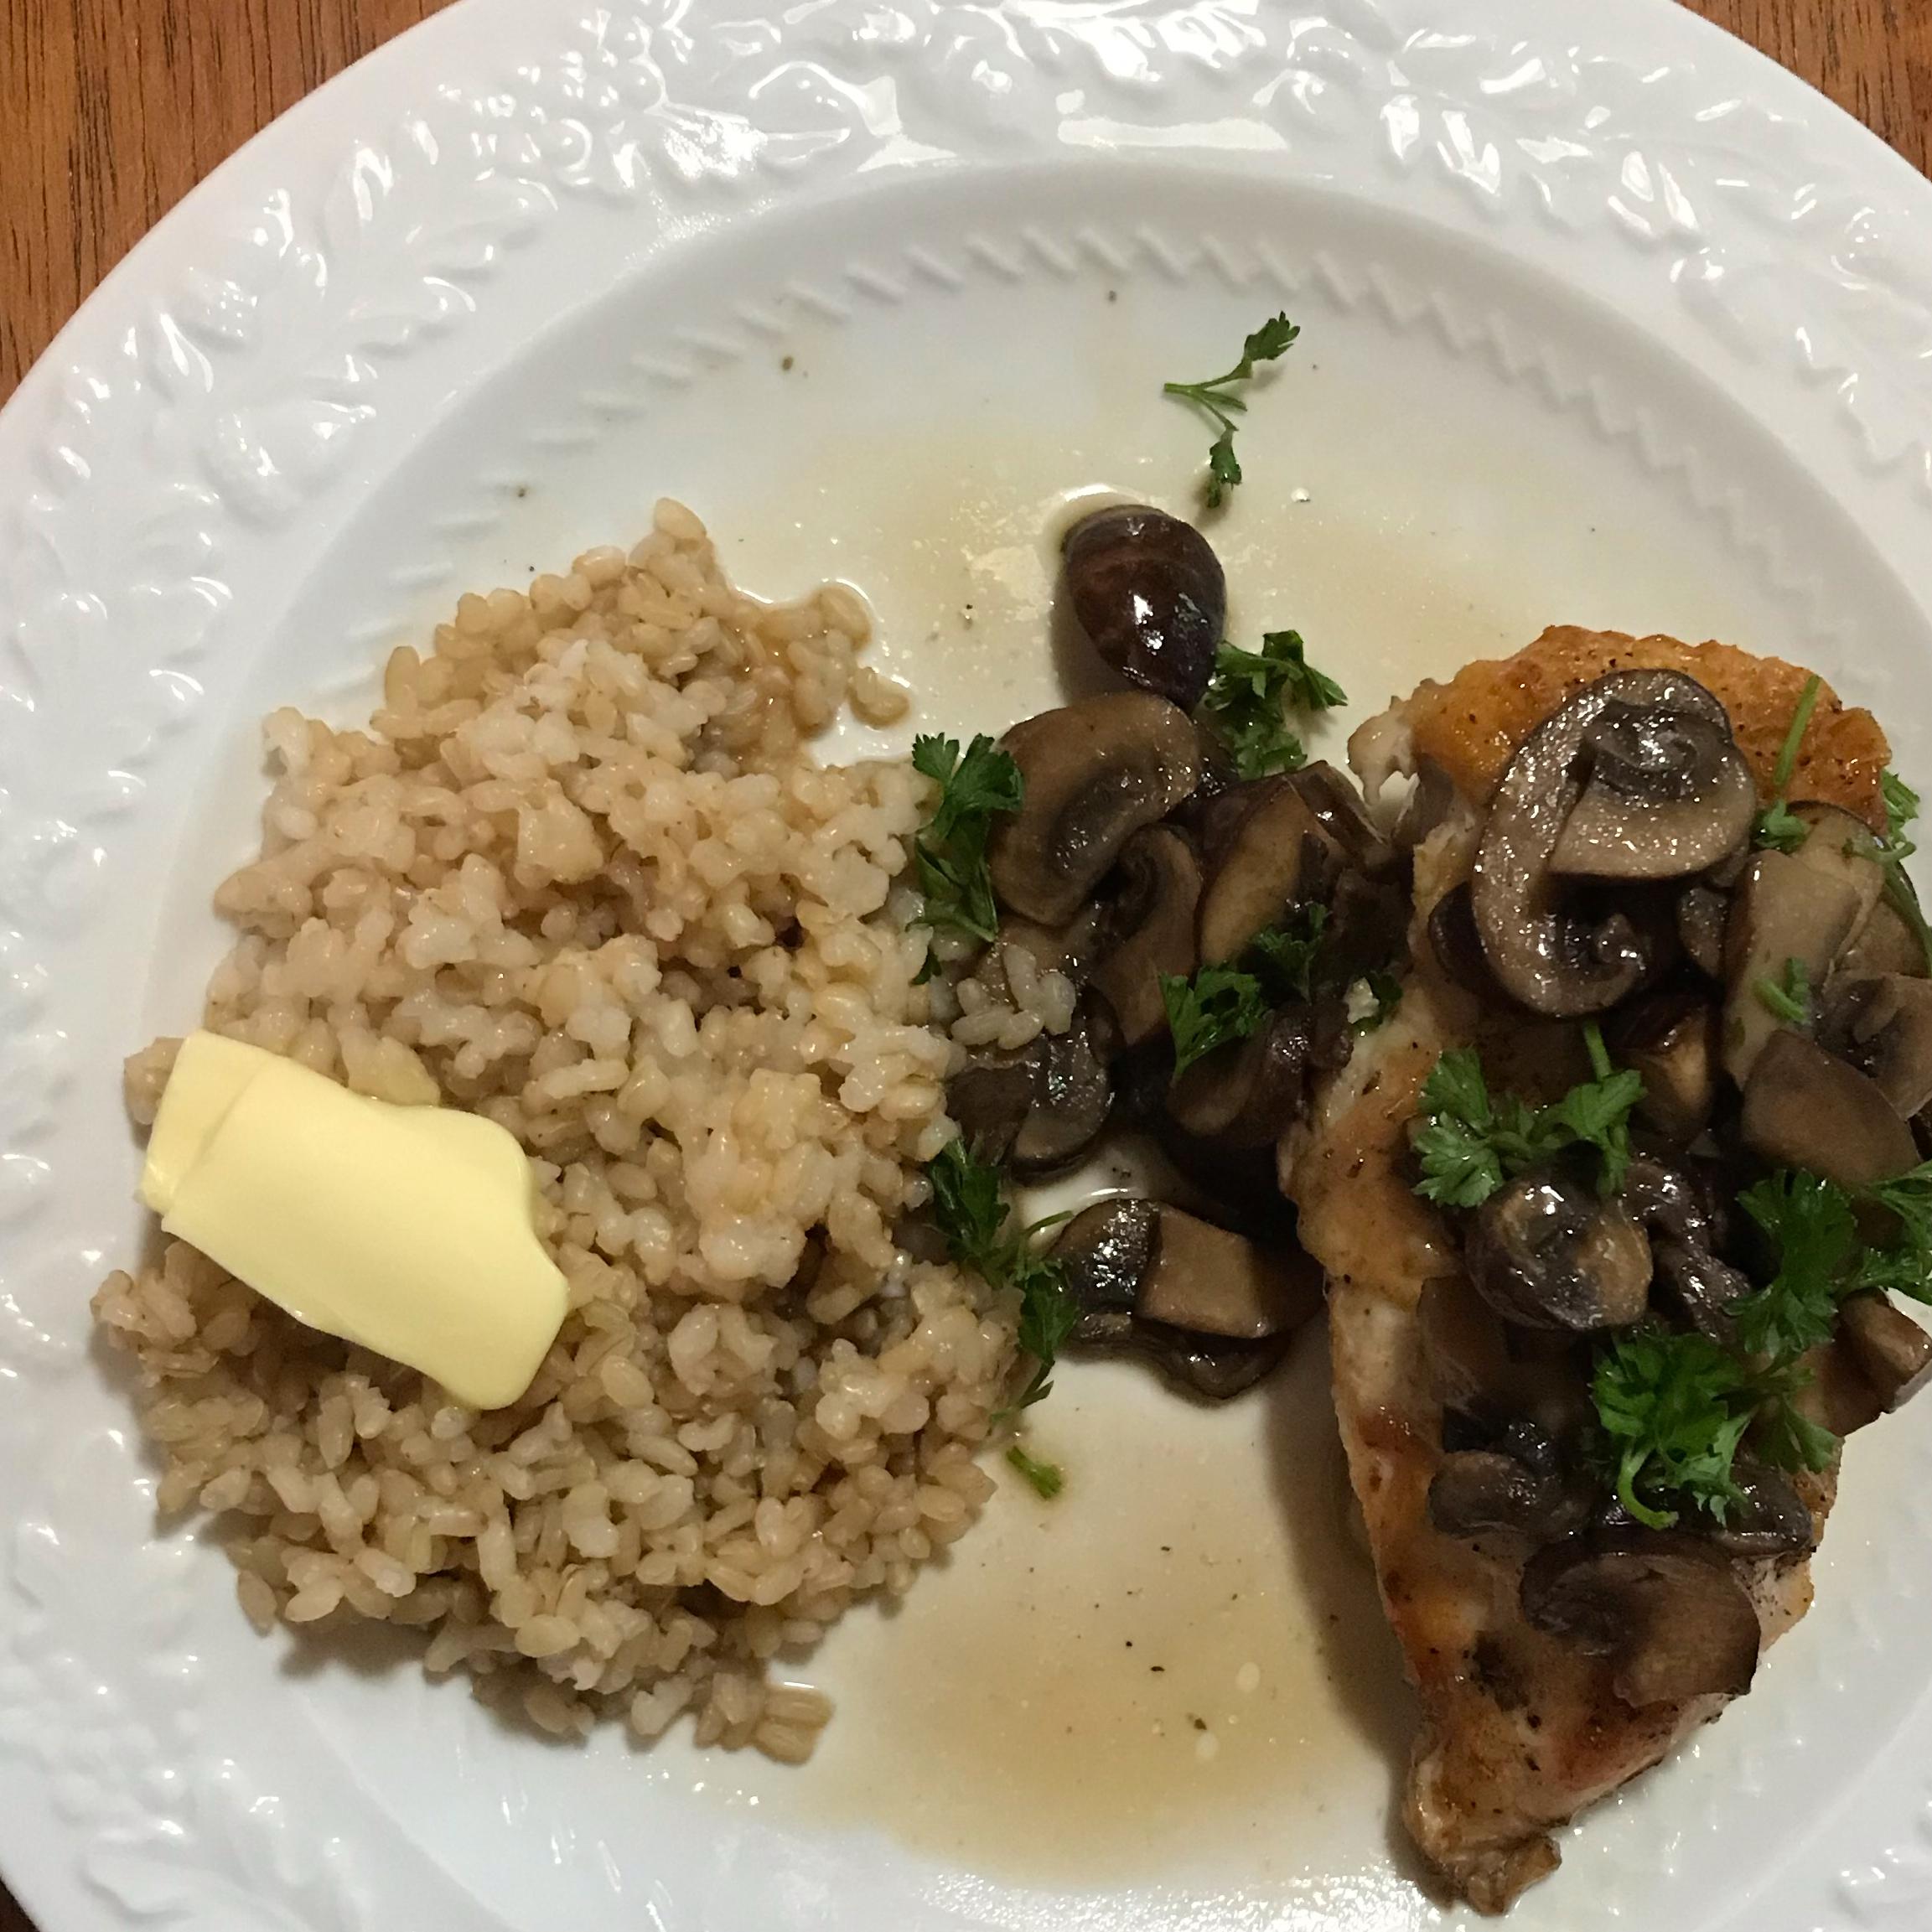 Chef John's Chicken and Mushrooms Lisa C,